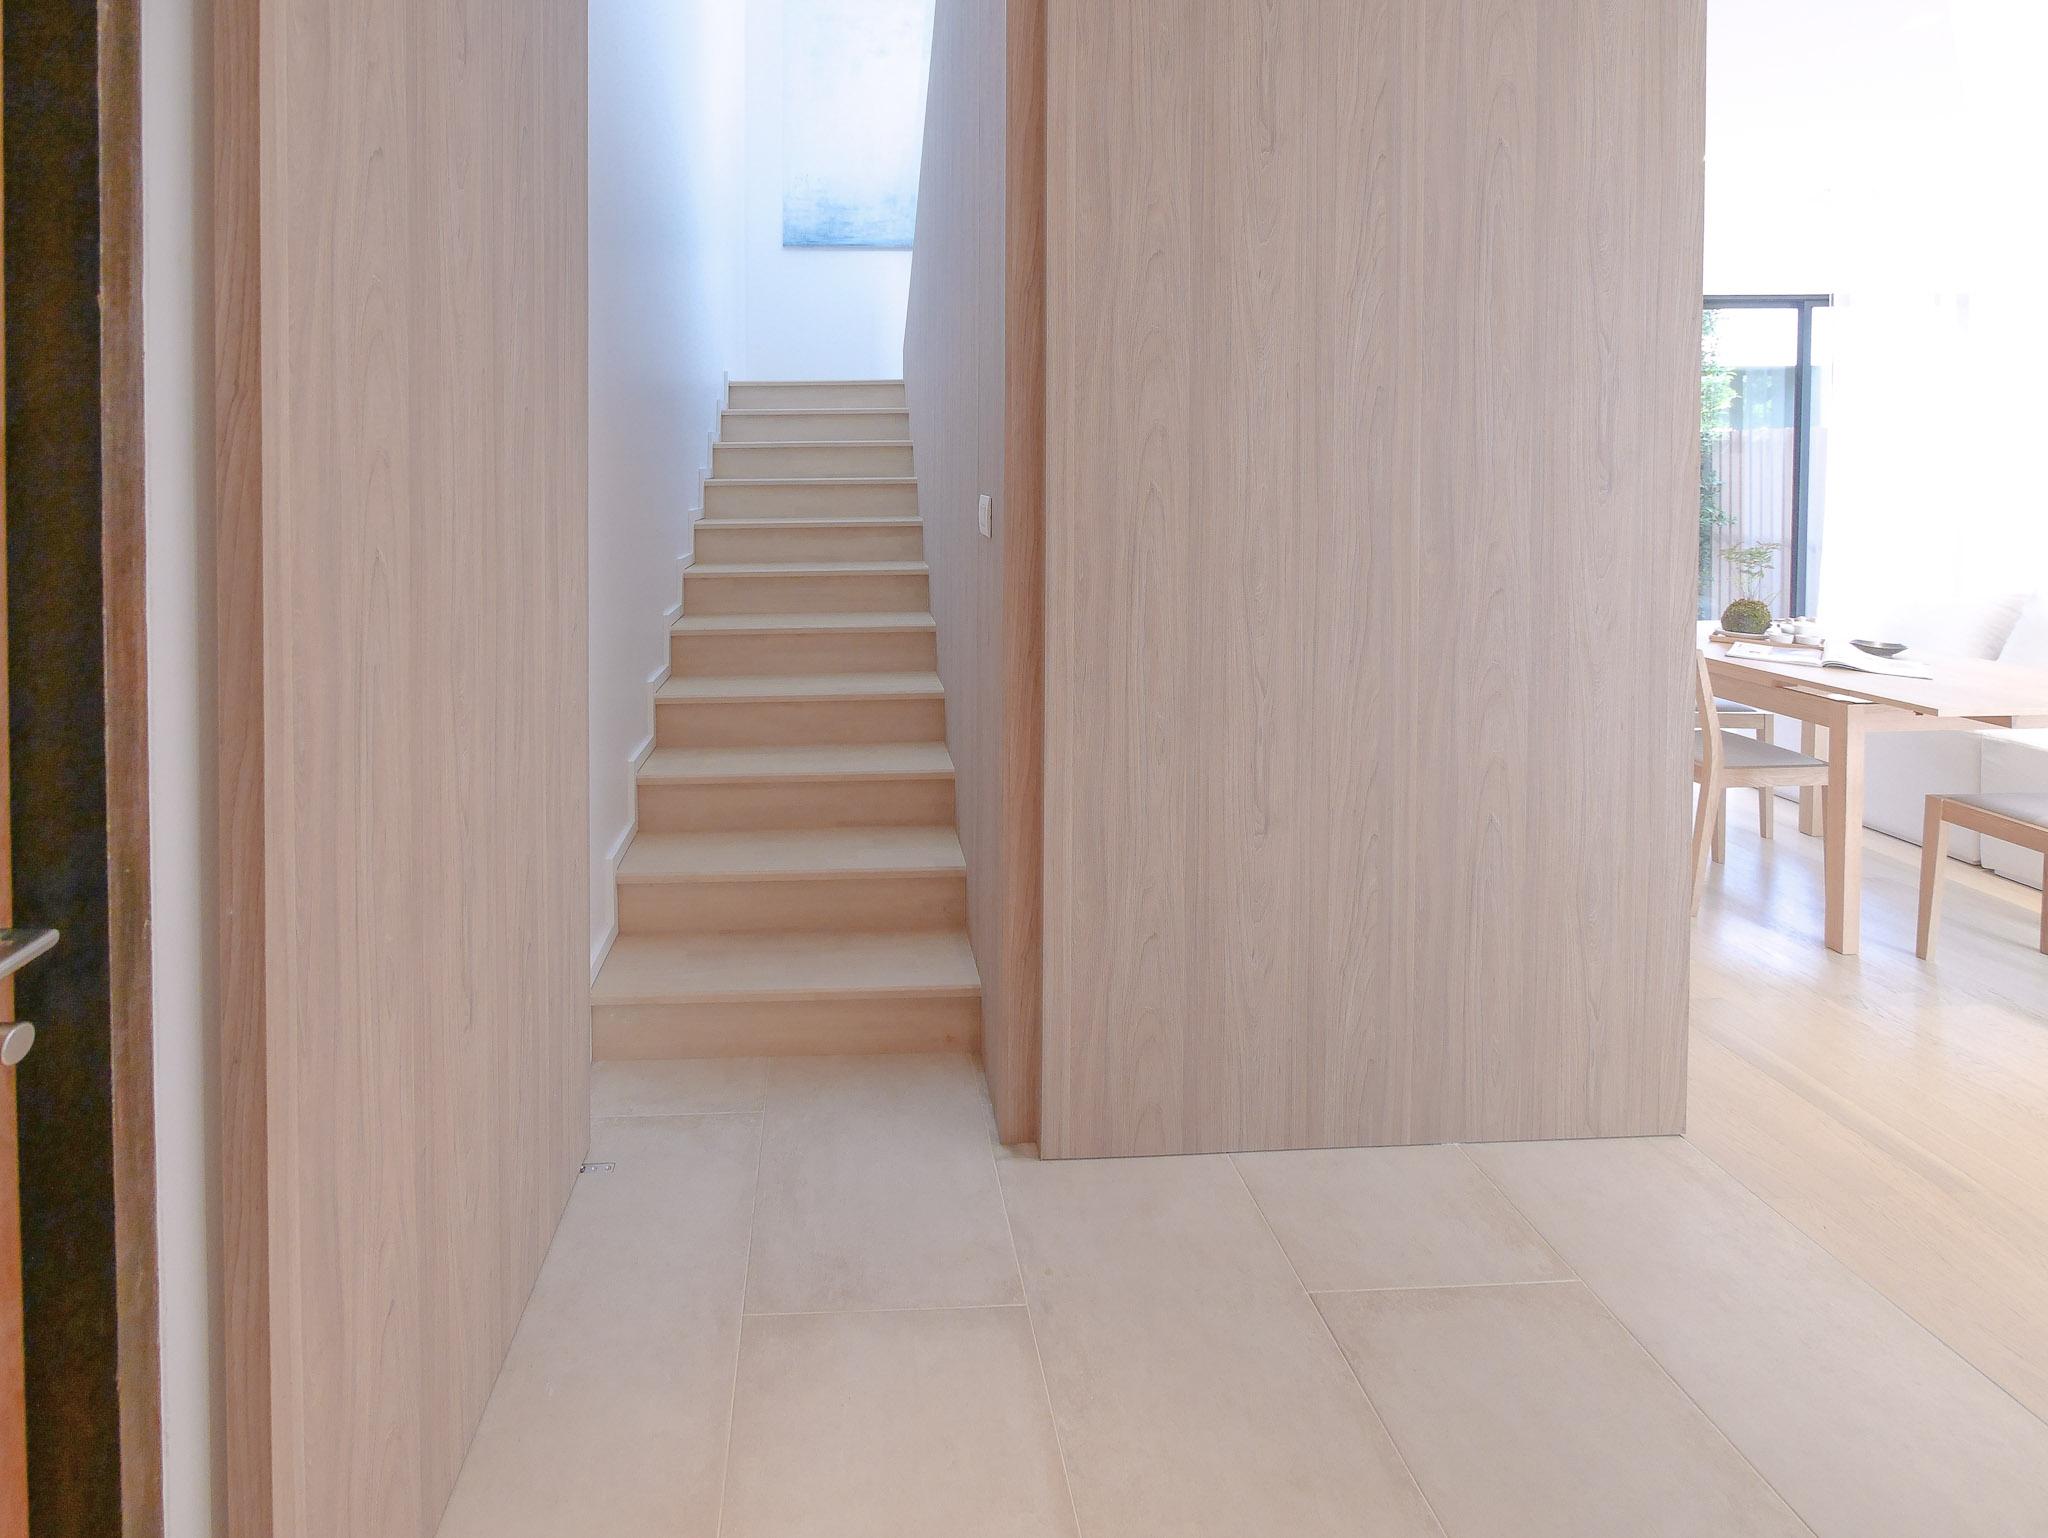 """โนเบิล เกเบิล คันโซ วัชรพล บ้านที่ออกแบบภายใต้คอนเซปท์ """"คิดอย่างเซน อยู่อย่างเซน"""" 43 - house"""